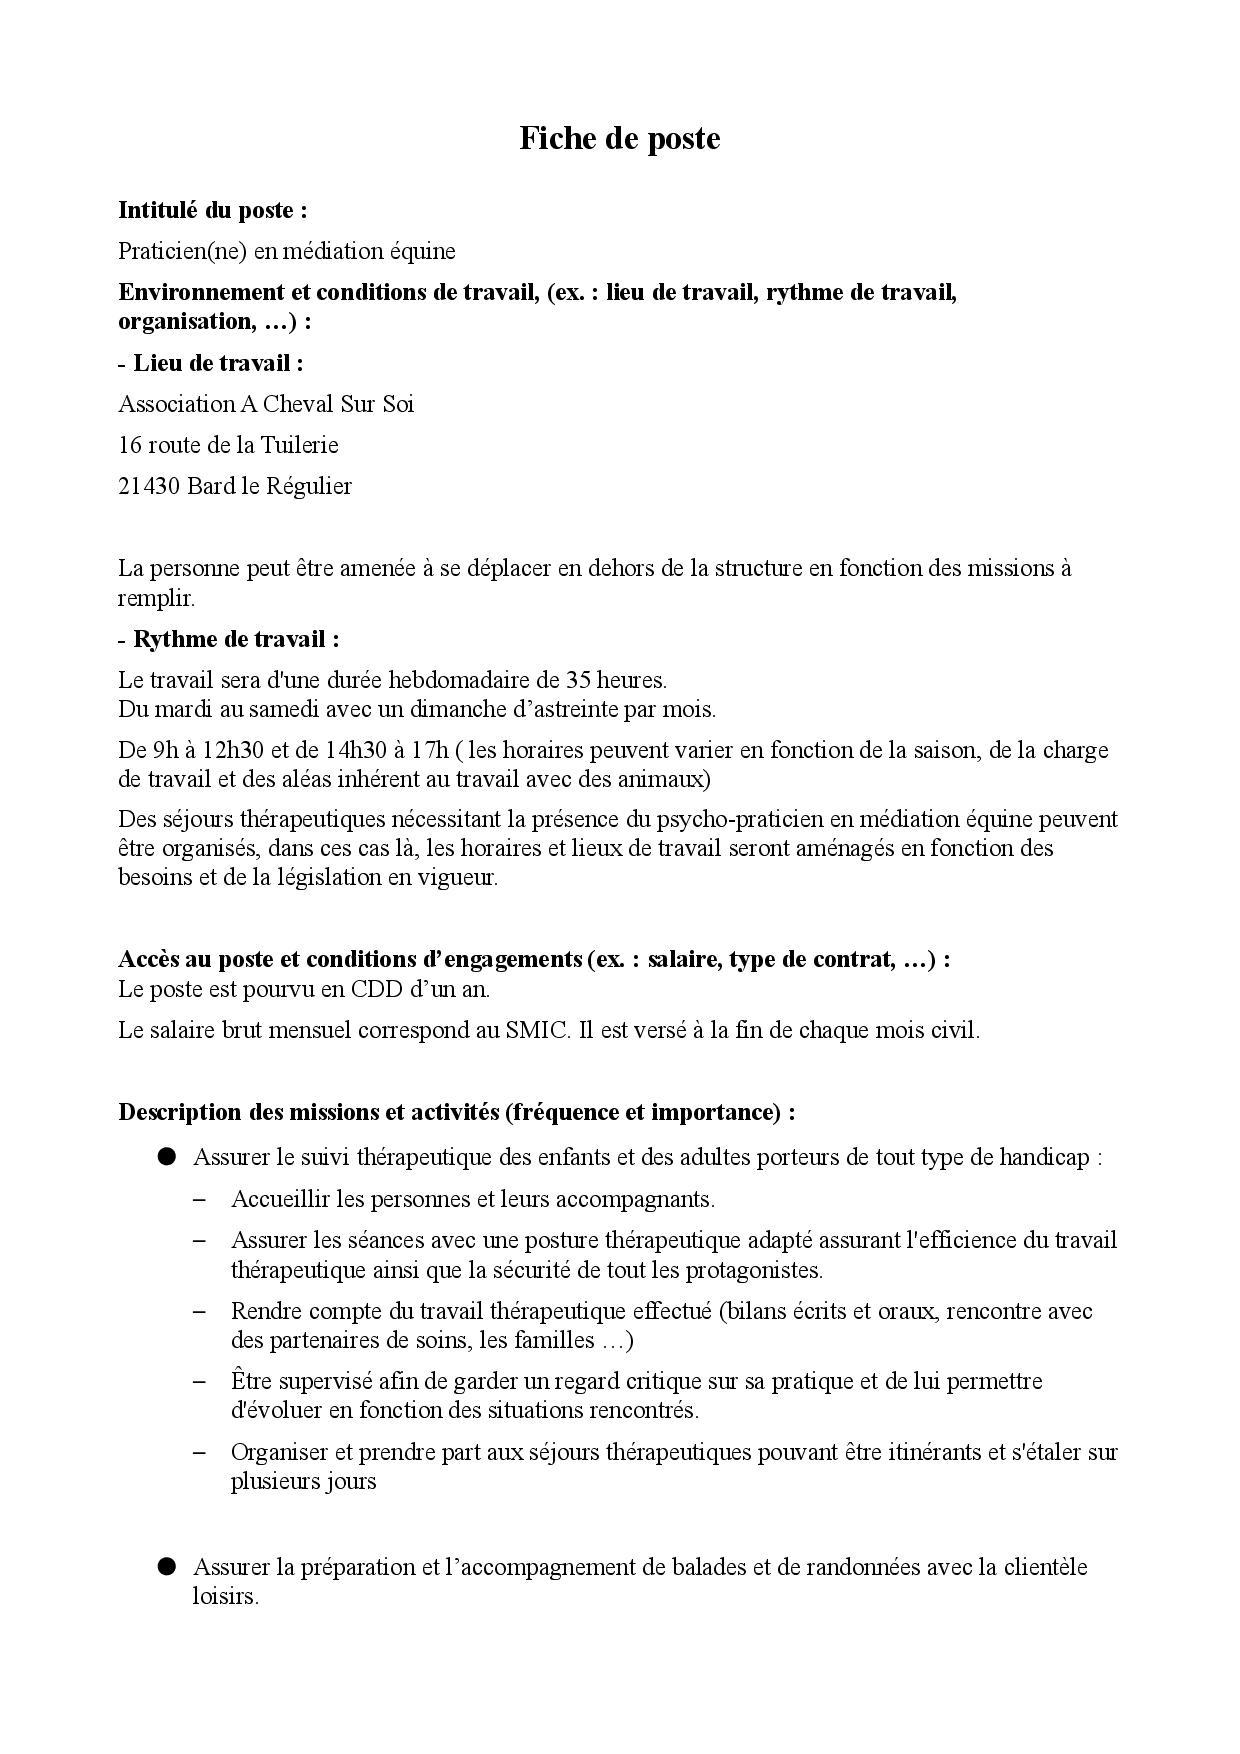 Fiche de poste Praticien(ne) en médiation équine-page-001